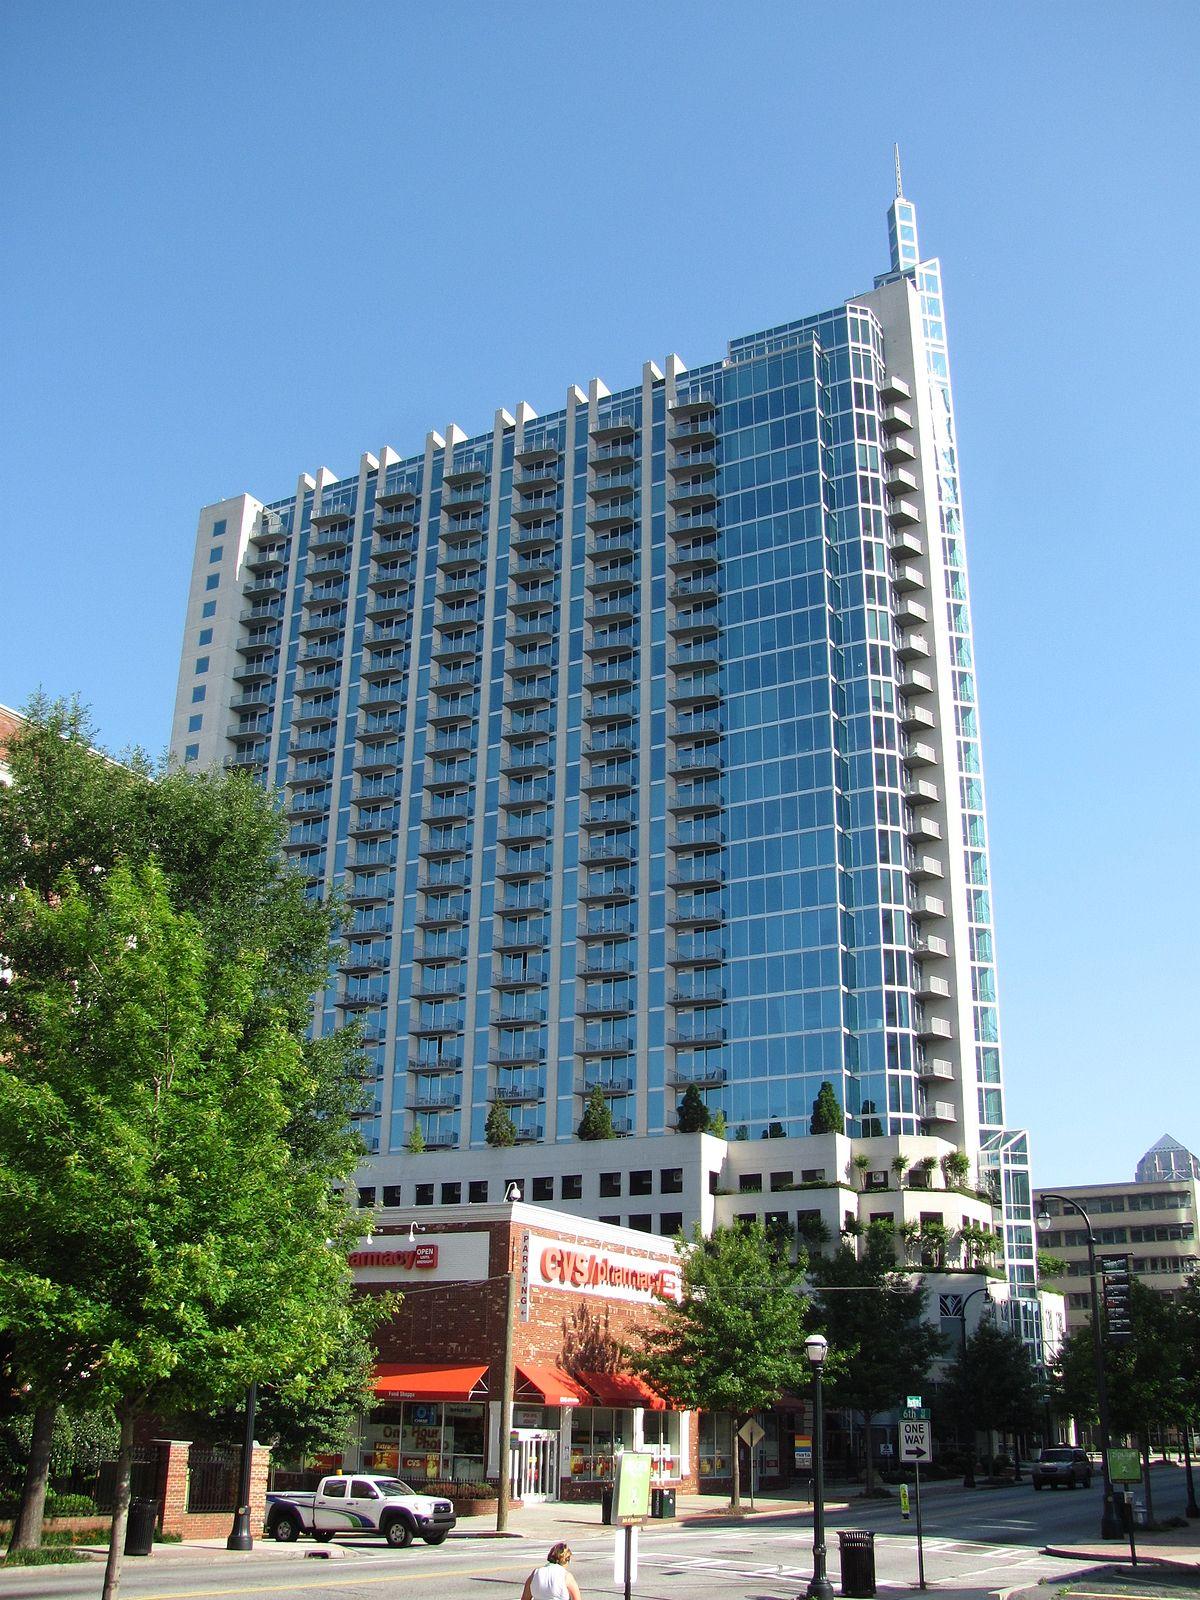 1200px-Spire,_Midtown_Atlanta_GA.jpg